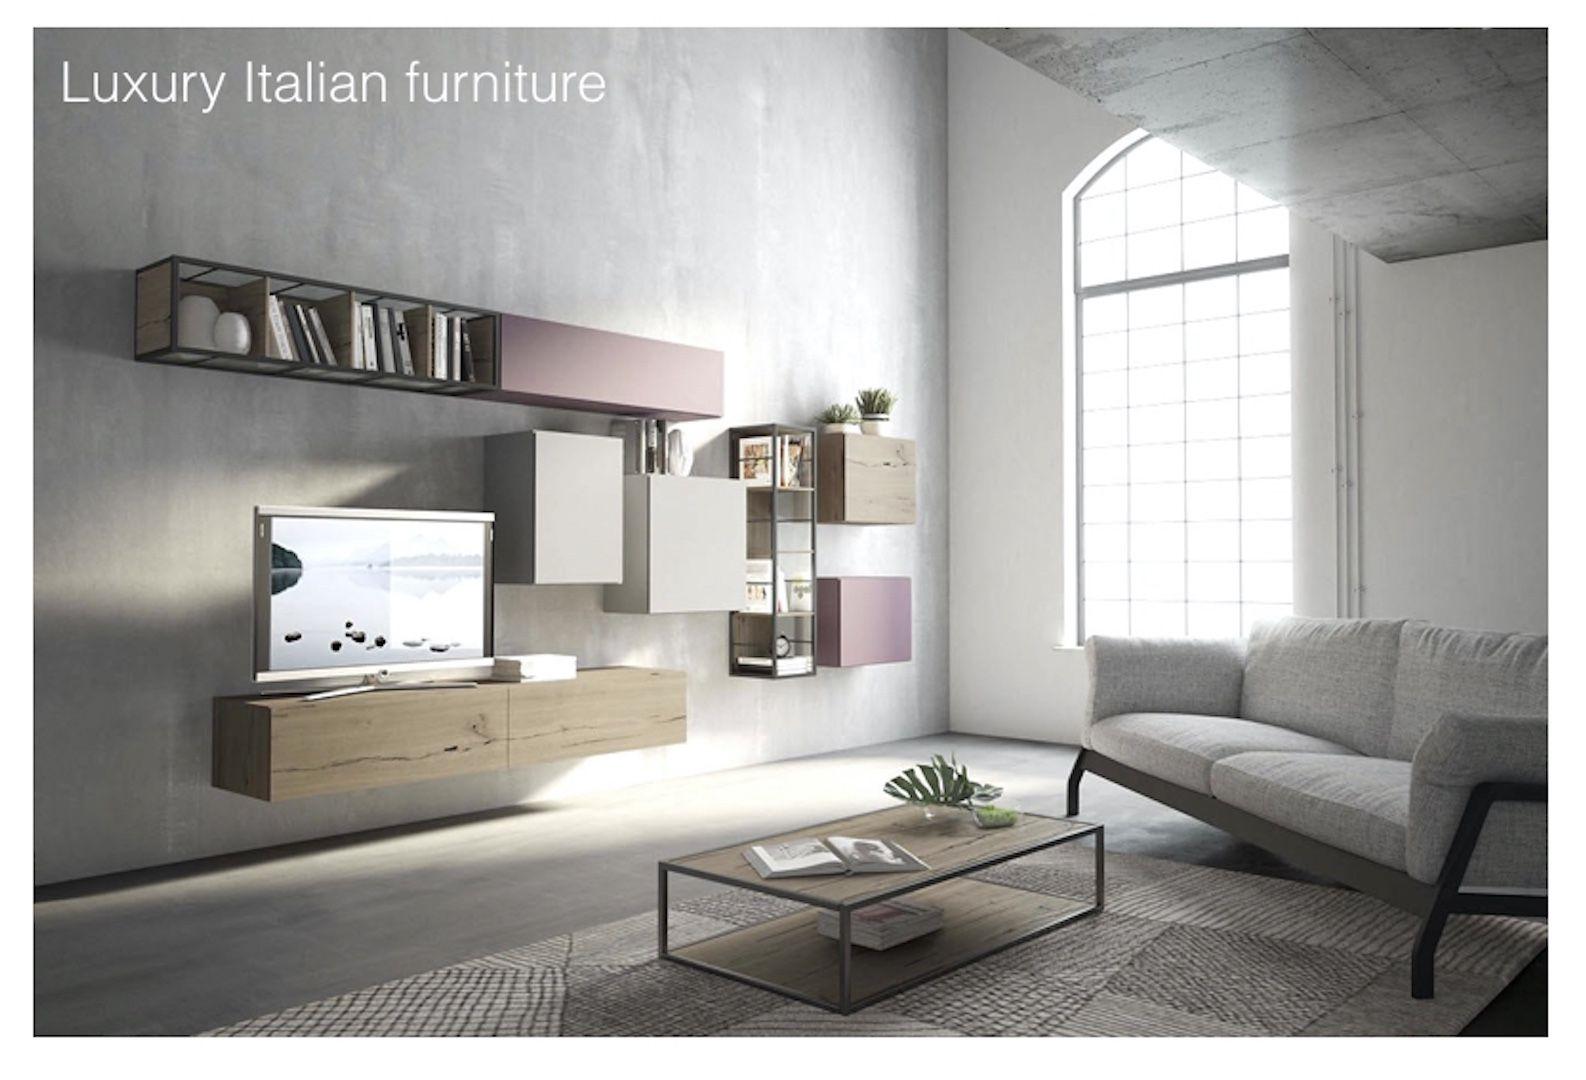 Italian Furniture New York Italian Furniture Stores Italian Furniture Retailers Italian Furniture Stores Italian Furniture Design Italian Furniture Modern